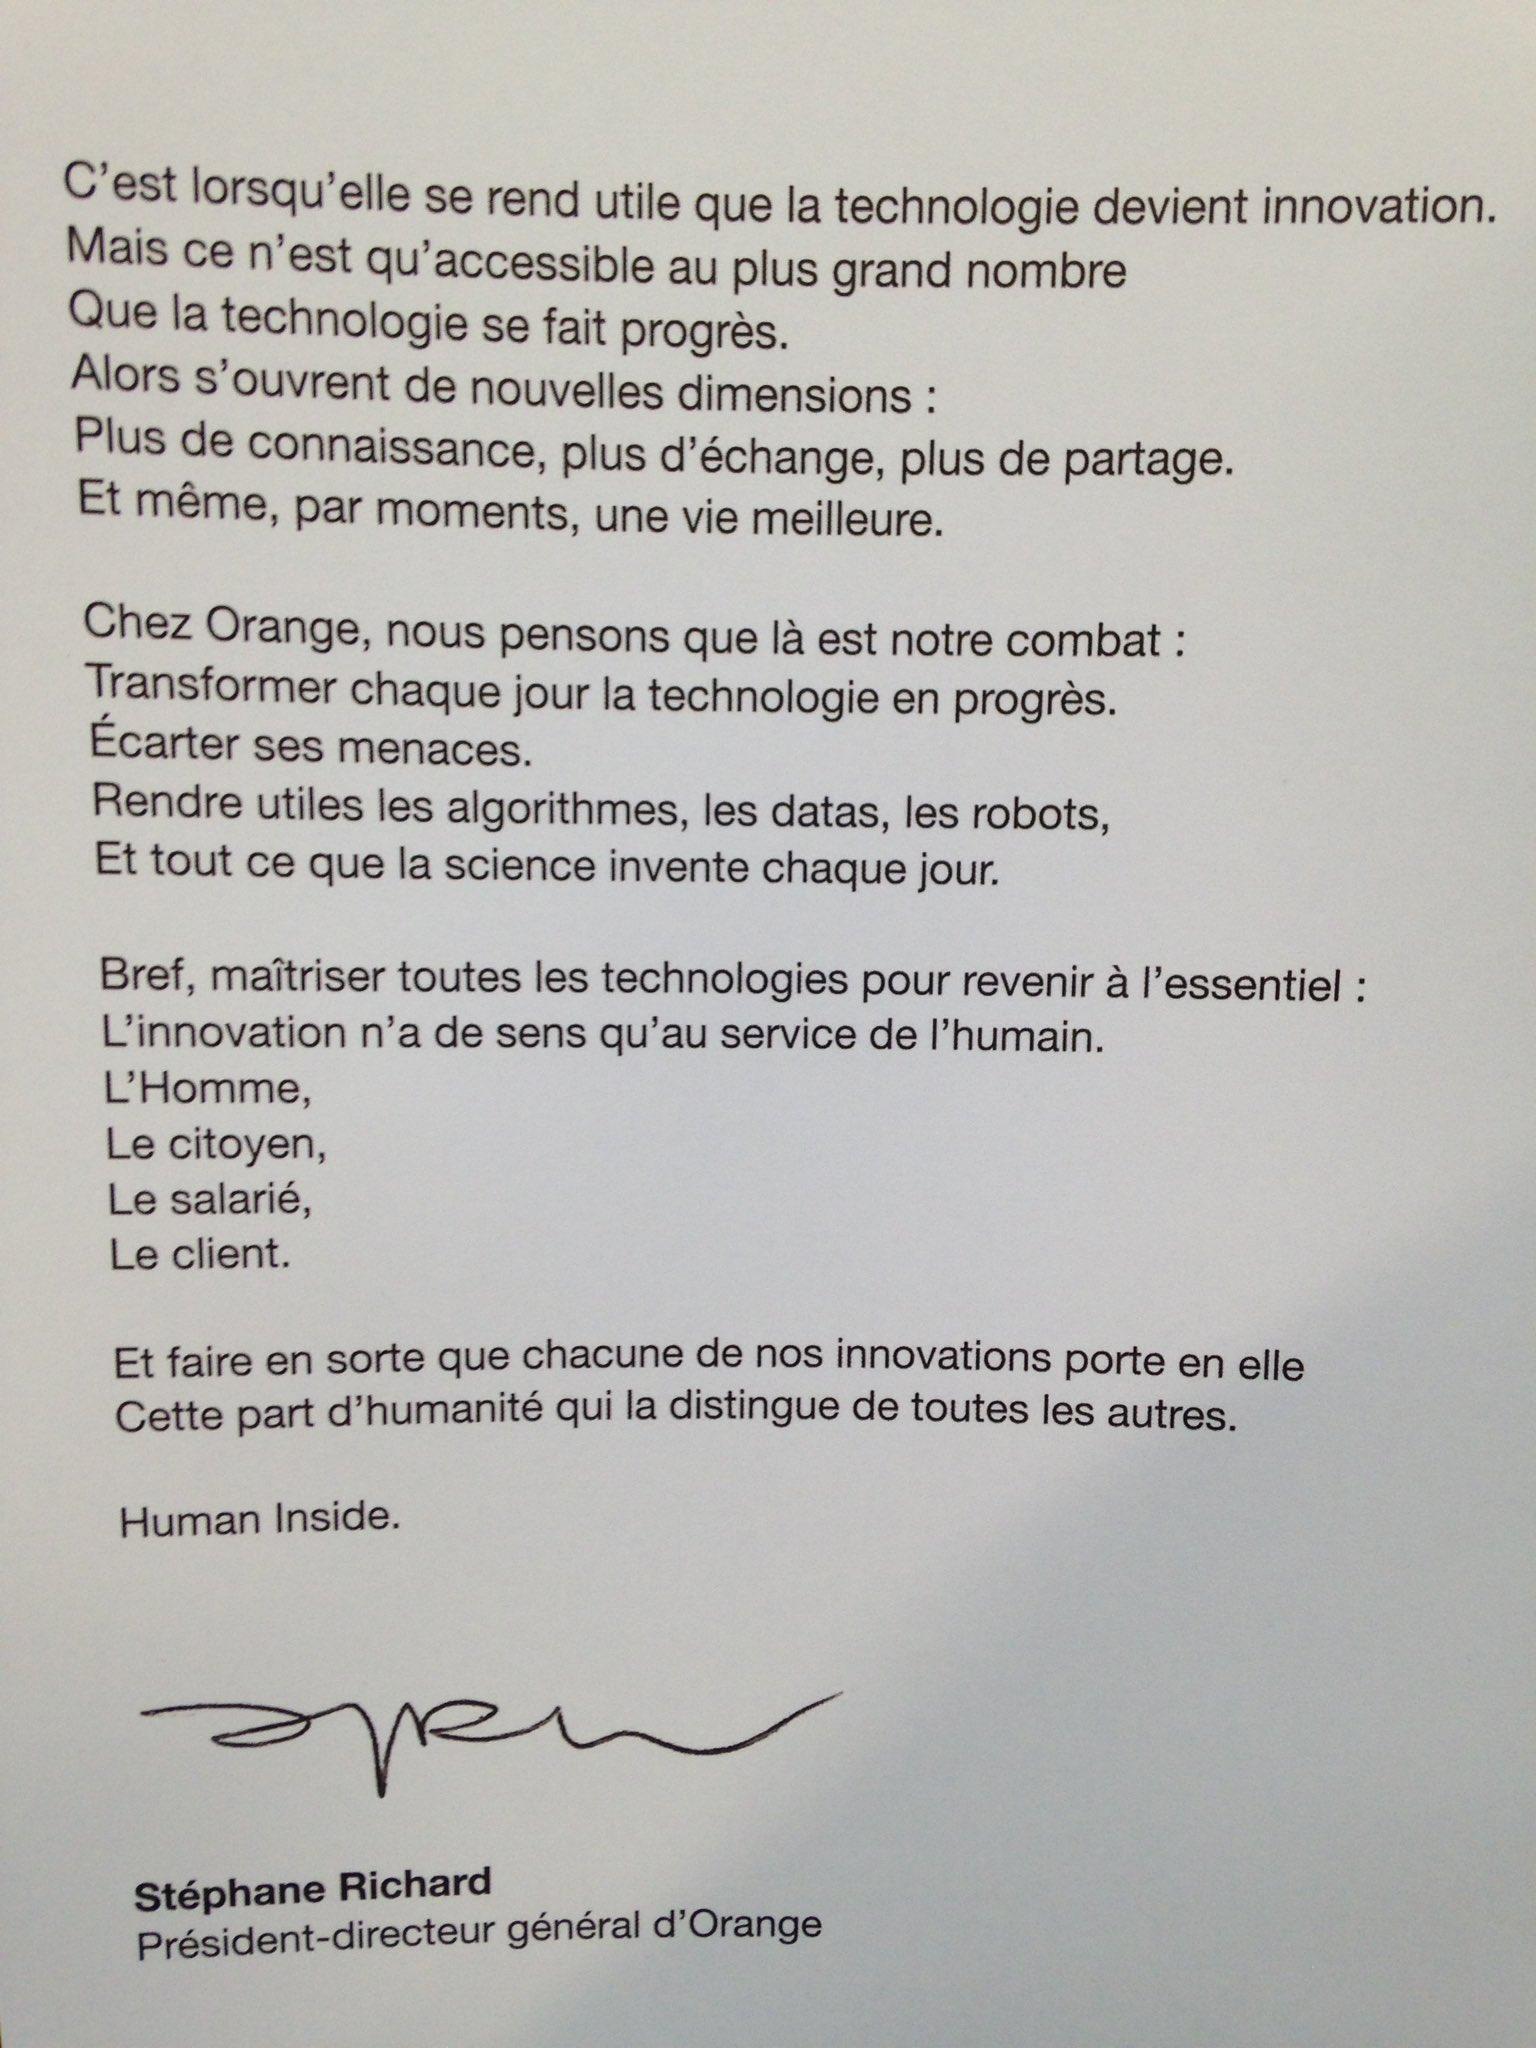 """""""Human inside"""", la nouvelle profession de foi de Stéphane Richard #OrangeGardens https://t.co/fEFnPaWV2m"""